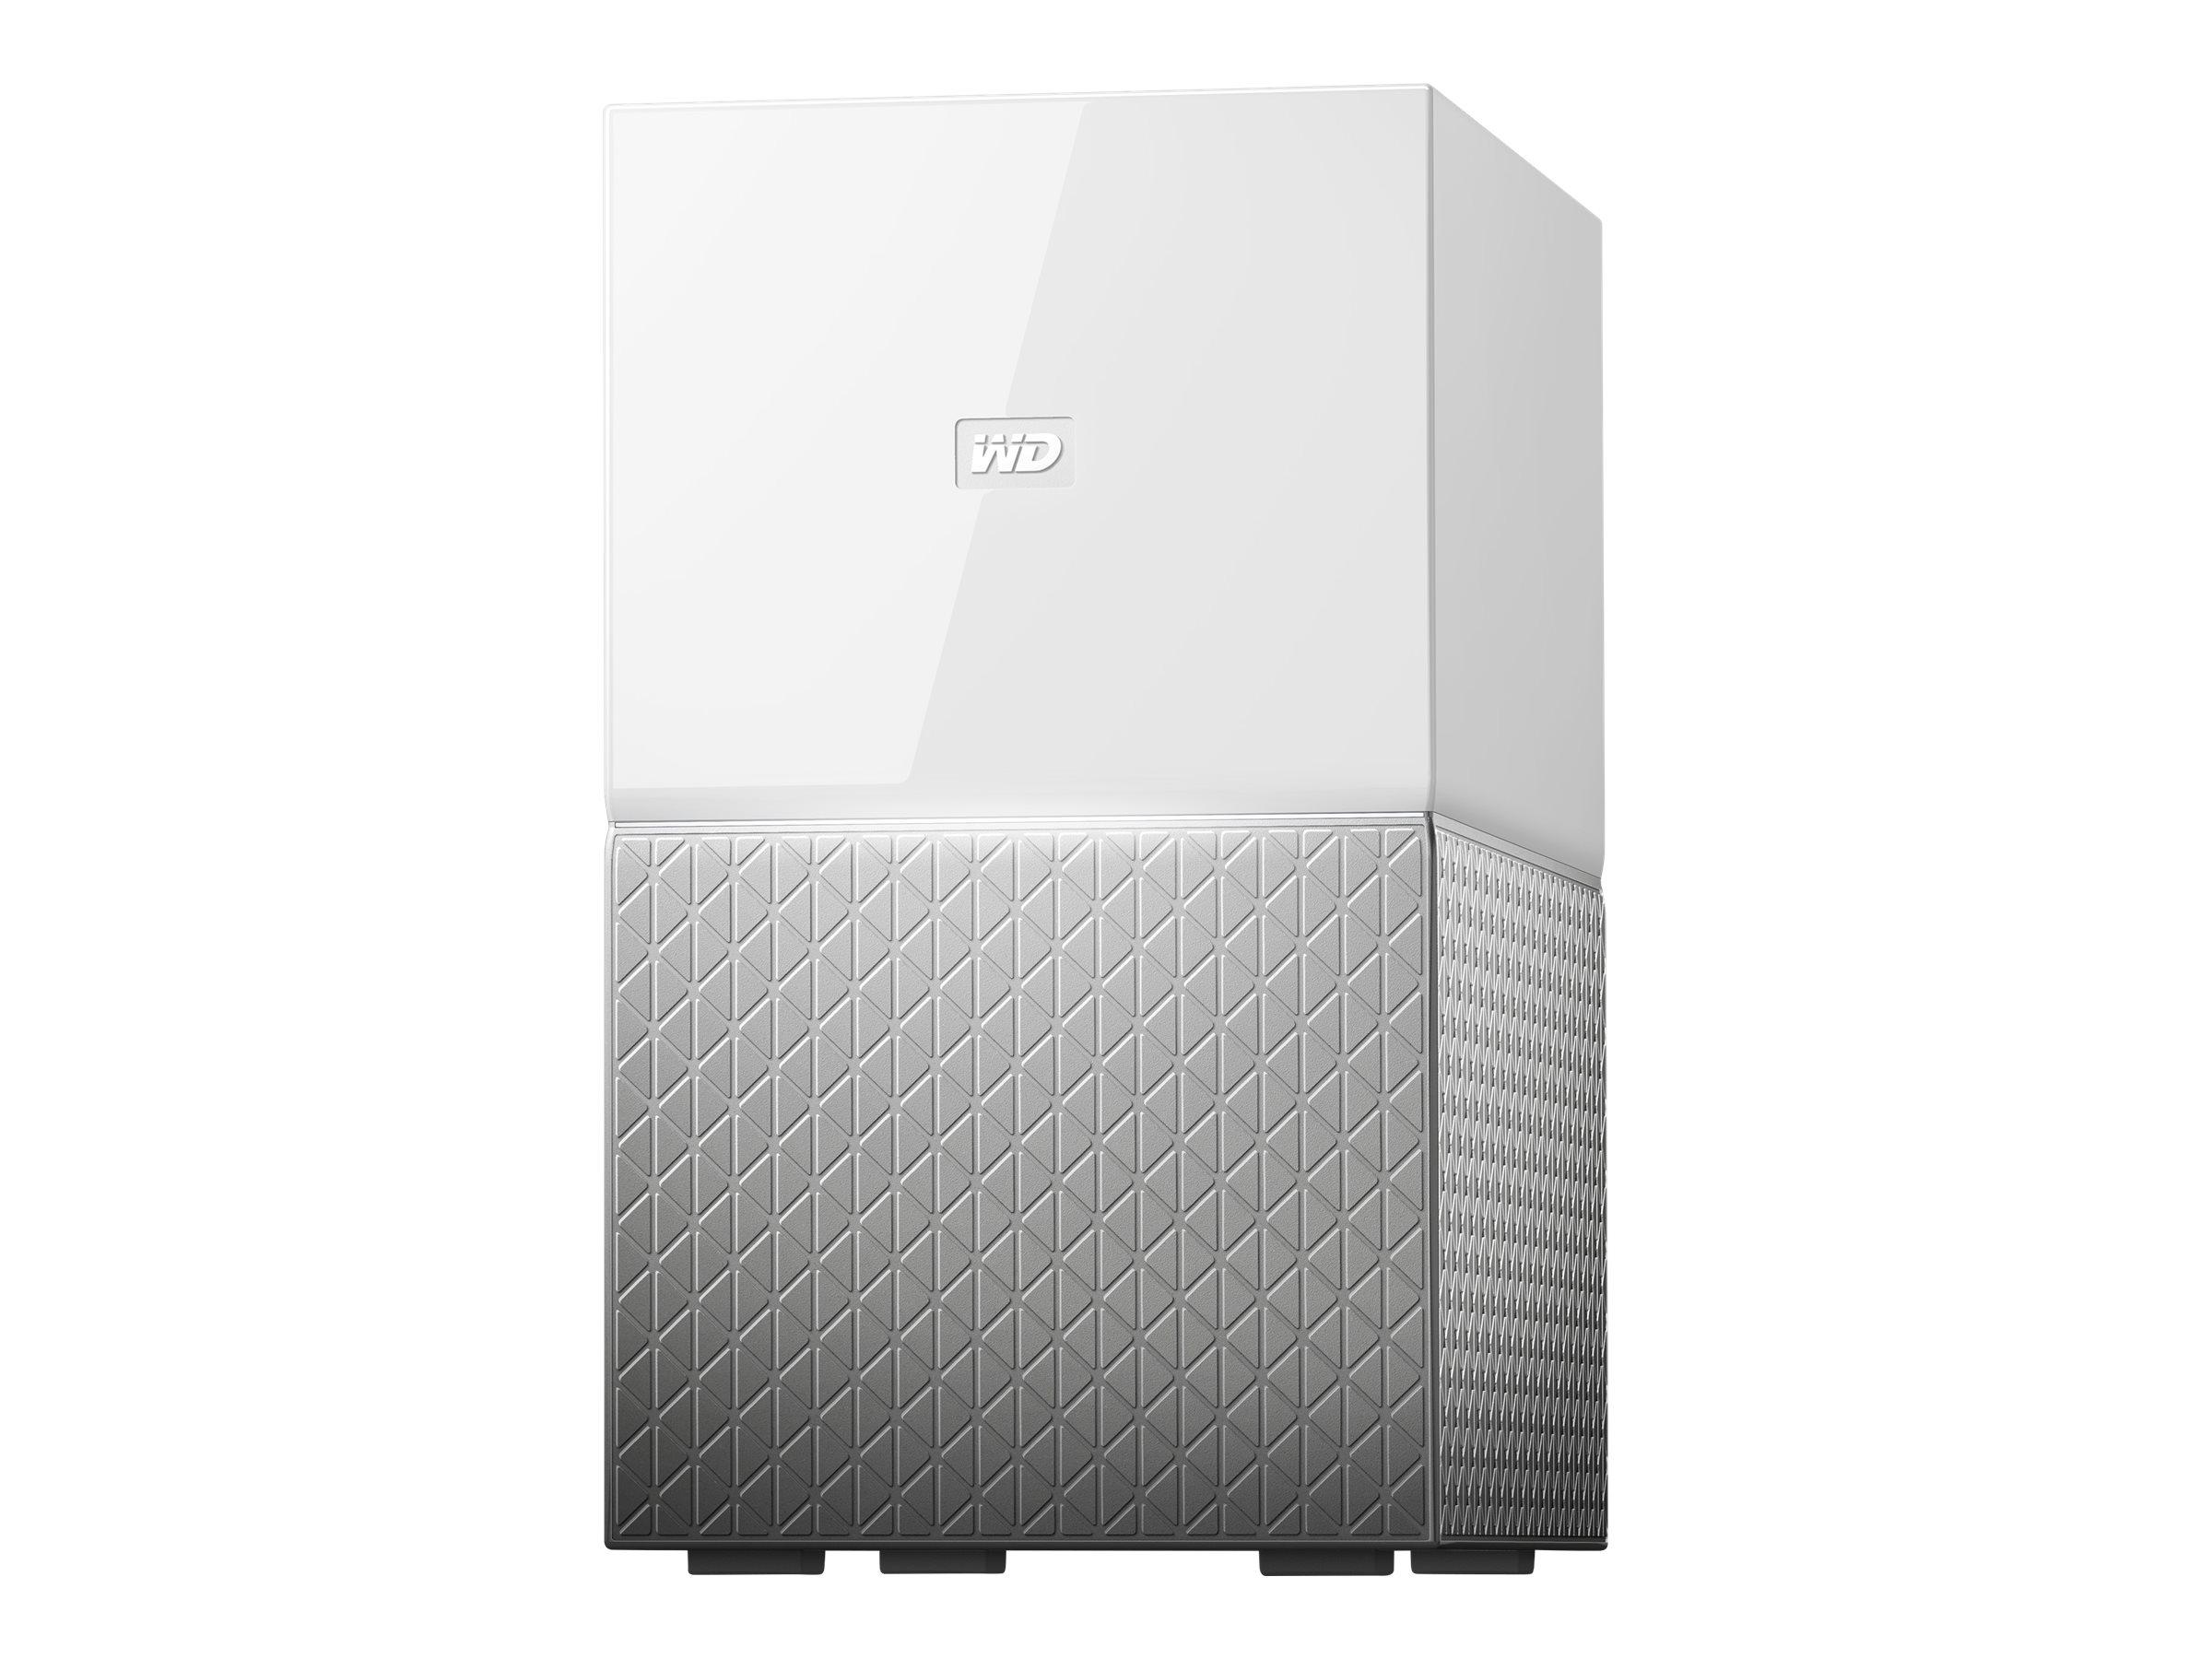 WD My Cloud Home Duo WDBMUT0120JWT - Gerät für persönlichen Cloudspeicher - 12 TB - HDD 6 TB x 2 - Gigabit Ethernet